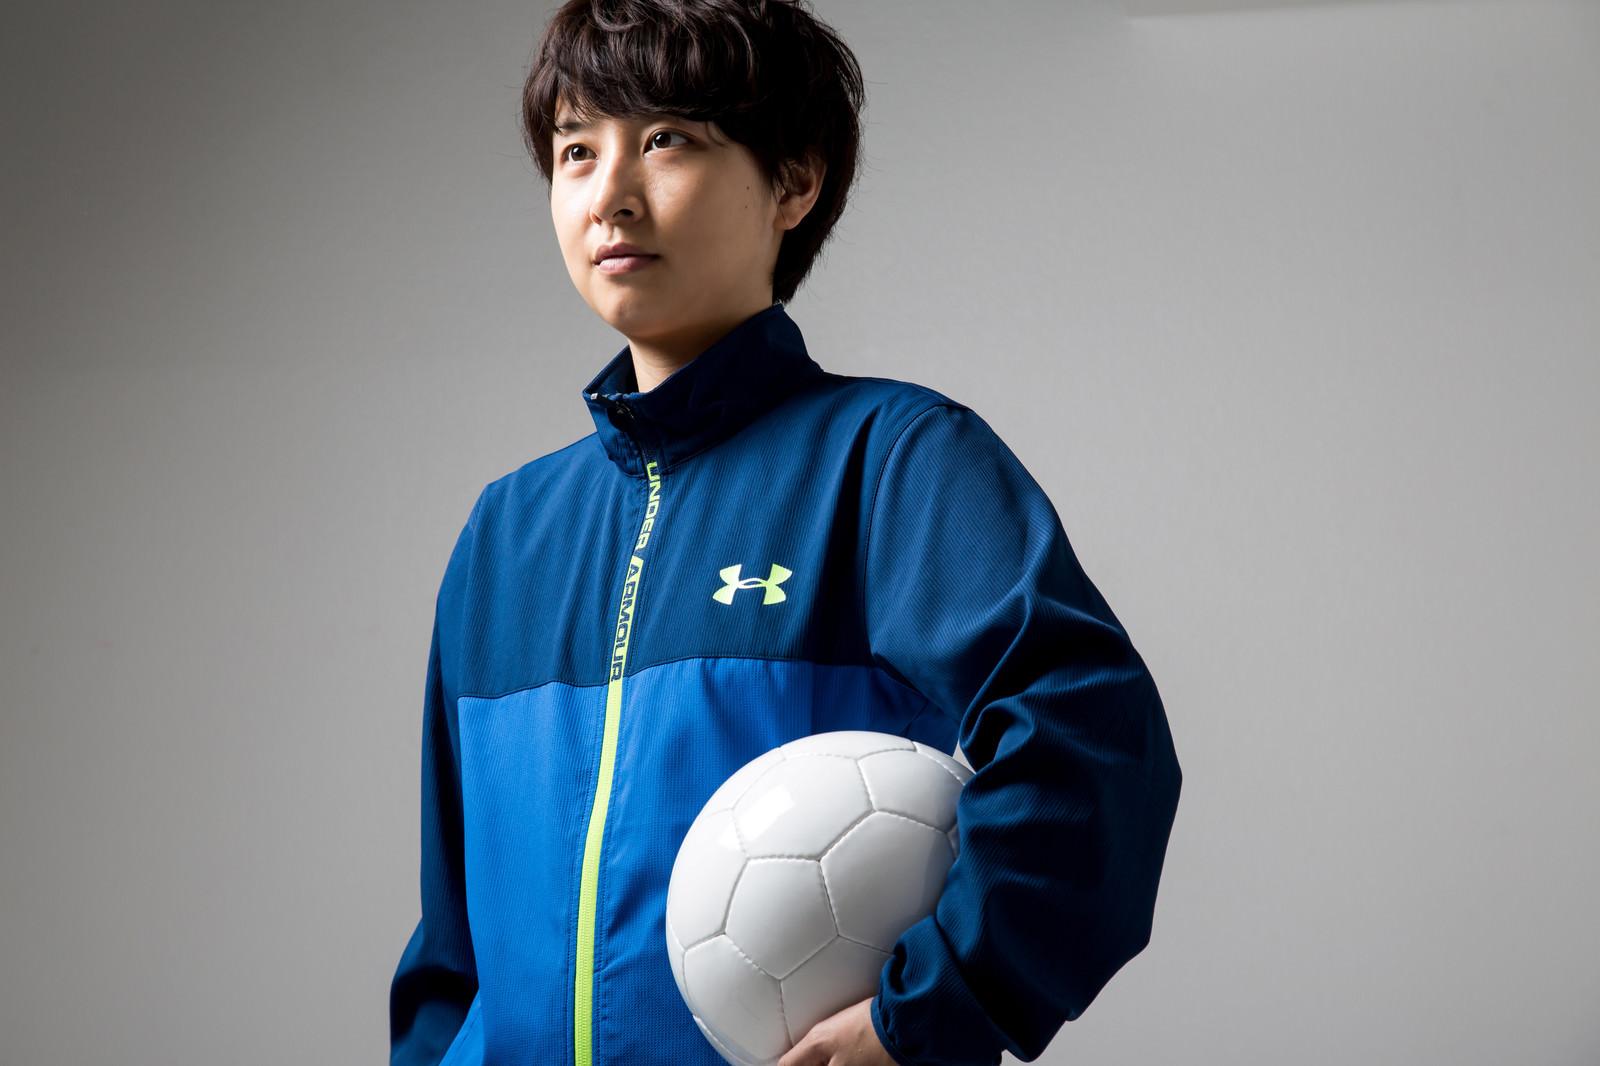 「サッカーボールを持った主将(女性)サッカーボールを持った主将(女性)」[モデル:八木彩香]のフリー写真素材を拡大